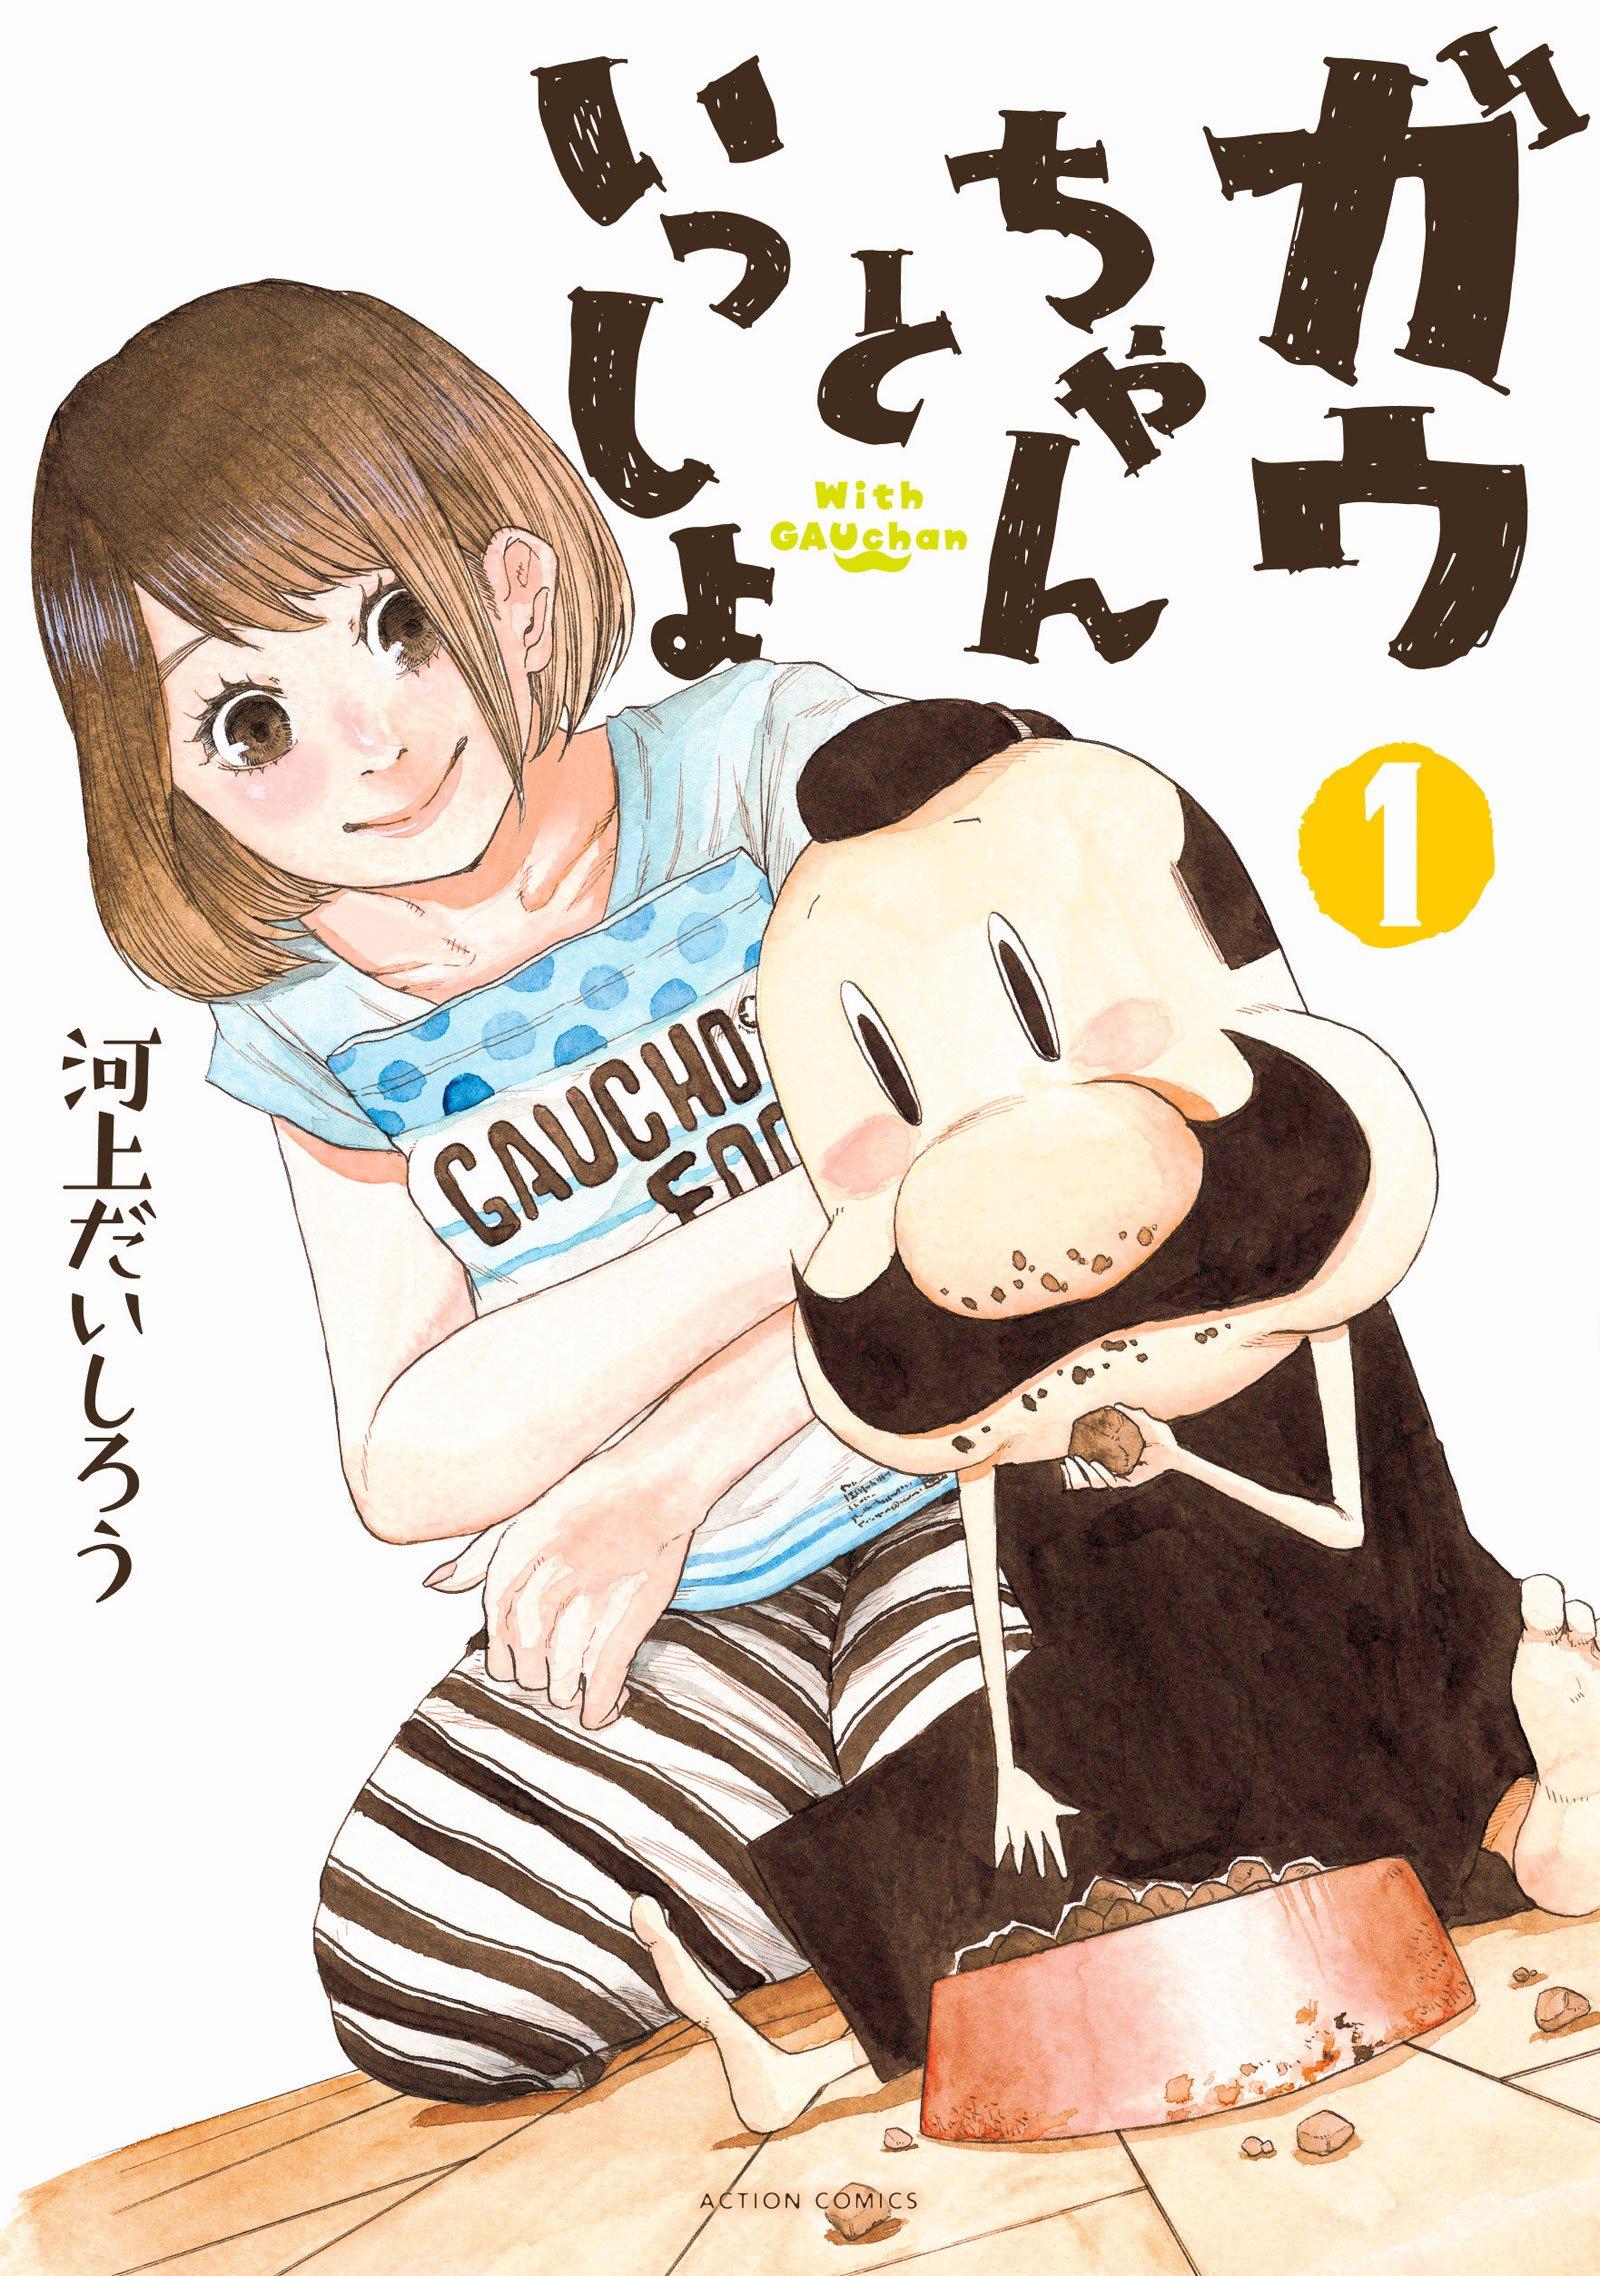 Portada libro - Gau-chan to Issho 1